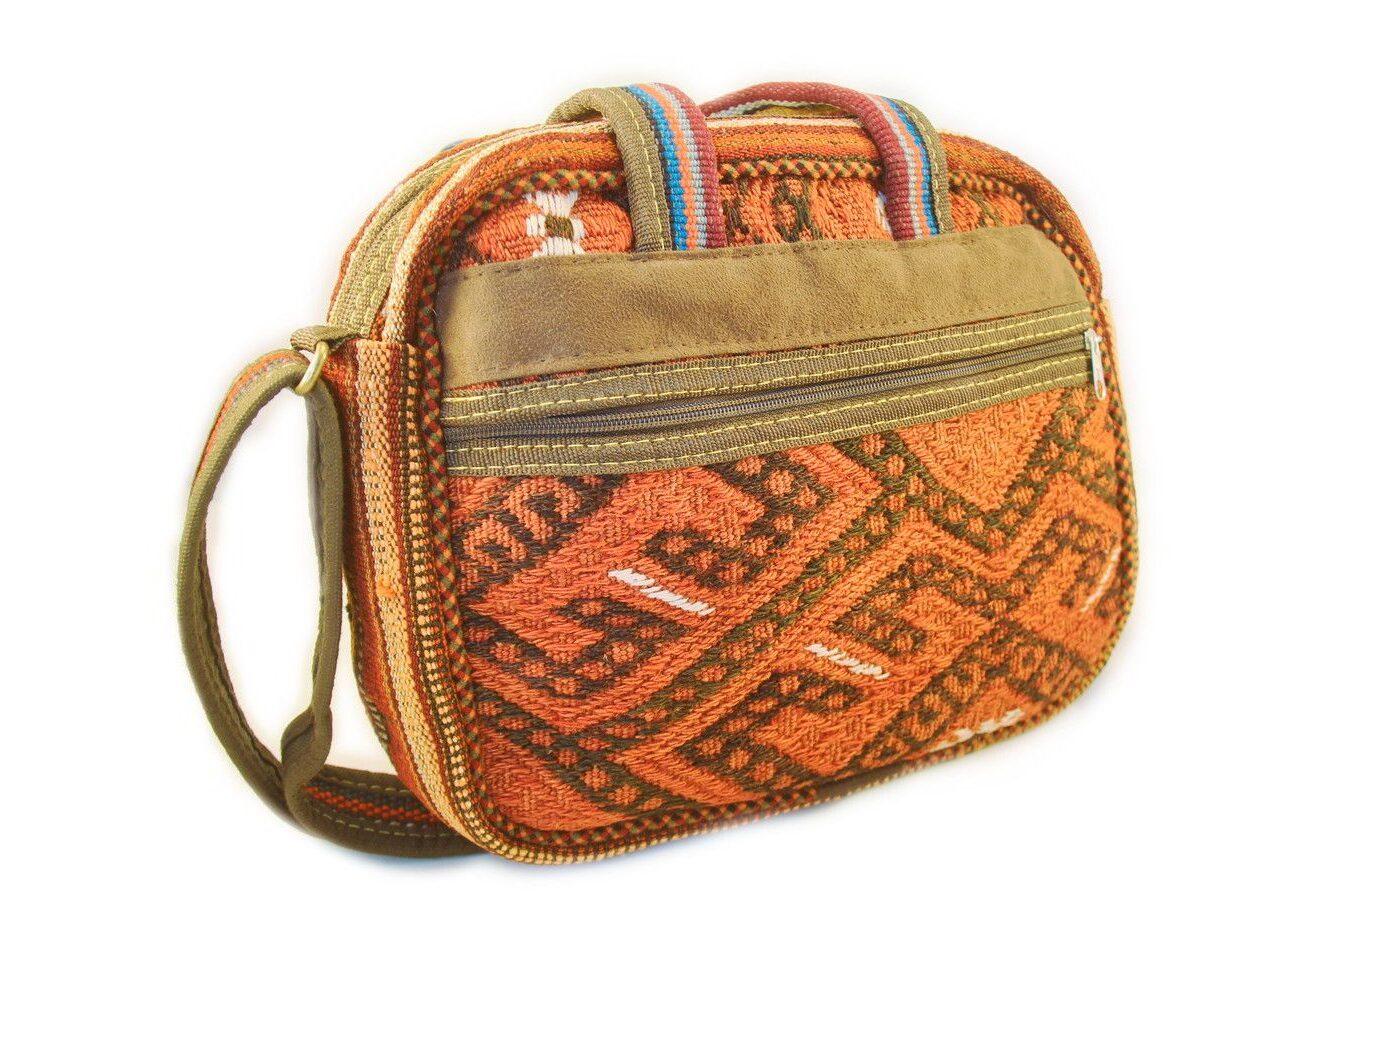 BG-K12_Bag made of Sirjan kilim_1 kom (3)